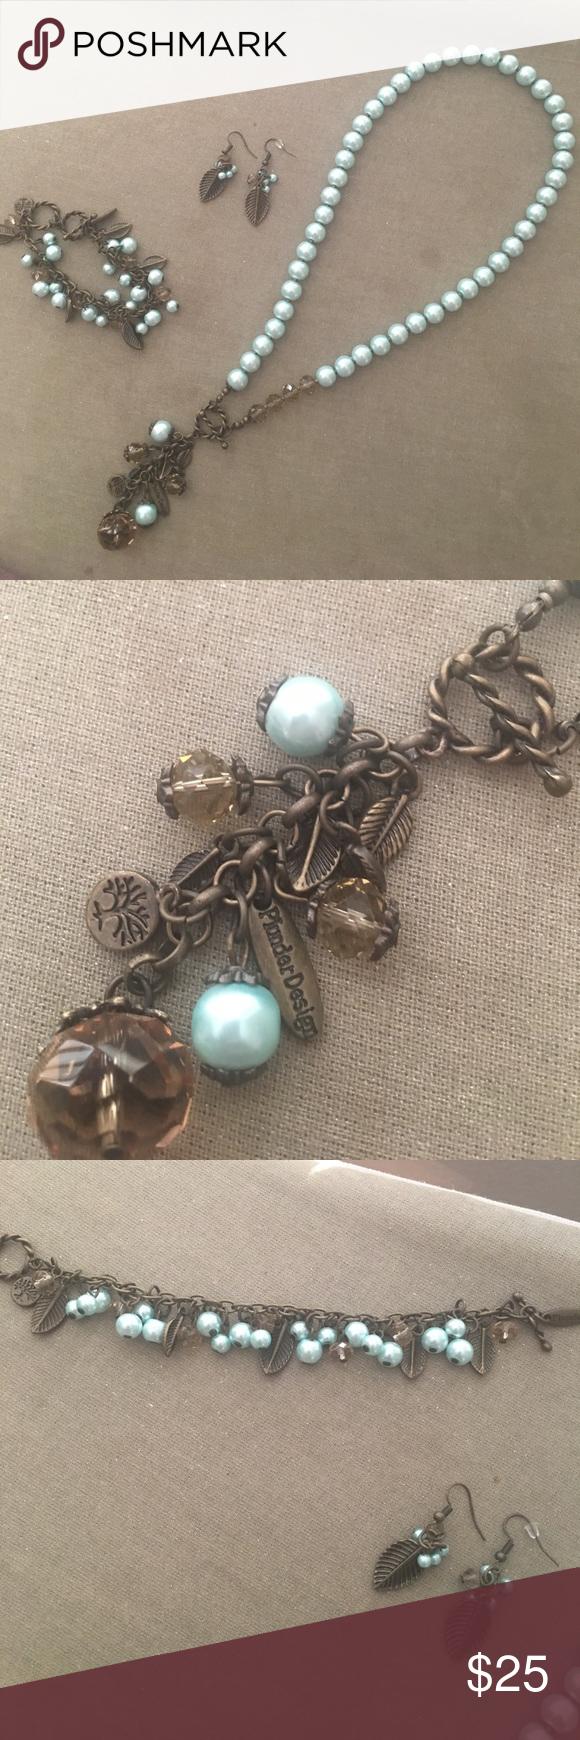 Plunder designs jewelry set Necklace, bracelet. Earrings